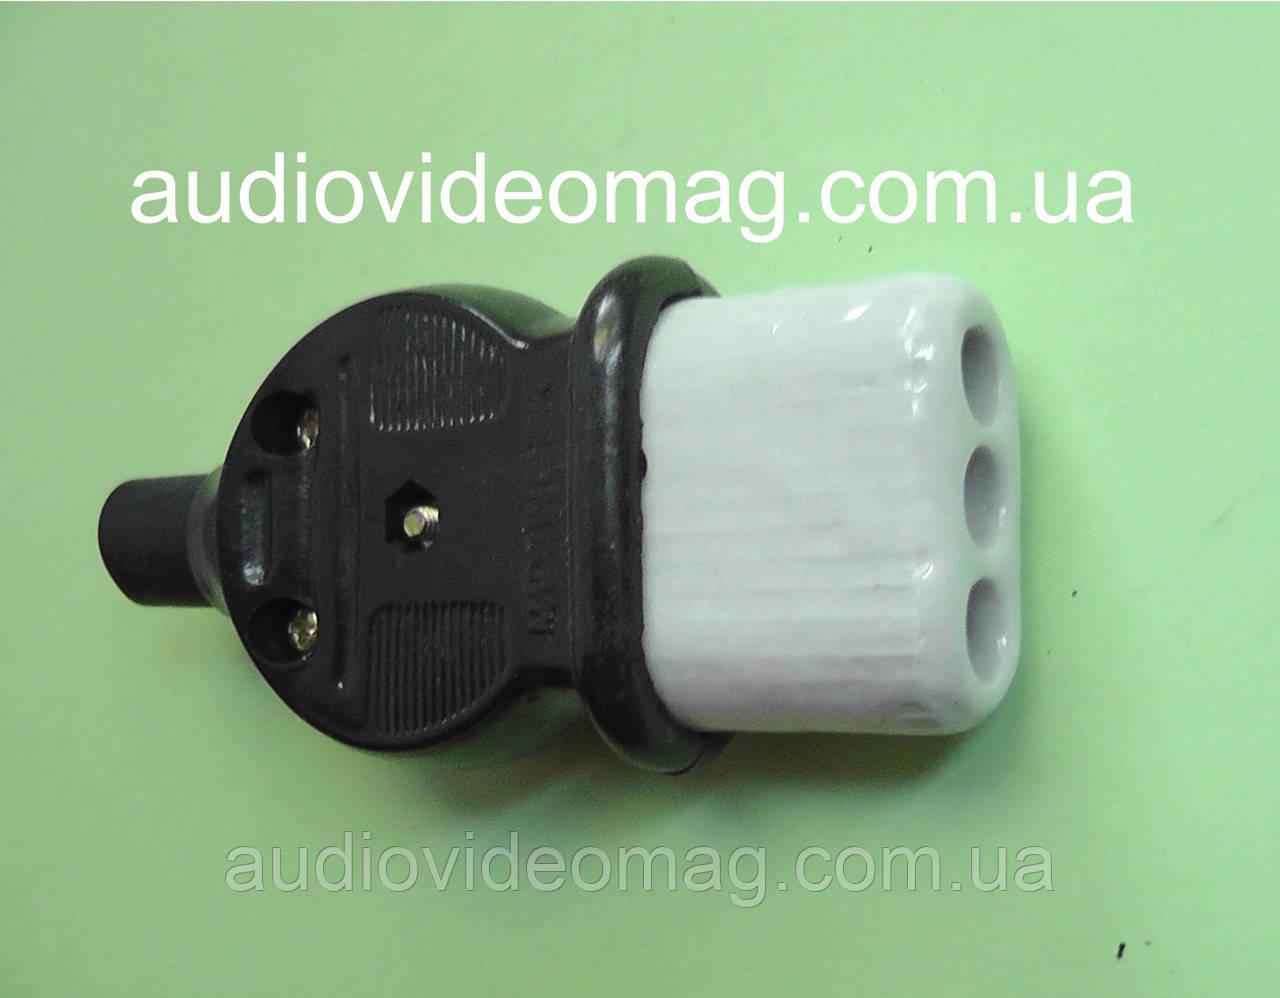 Гнездо 220В на кабель для электро чайника, керамическое